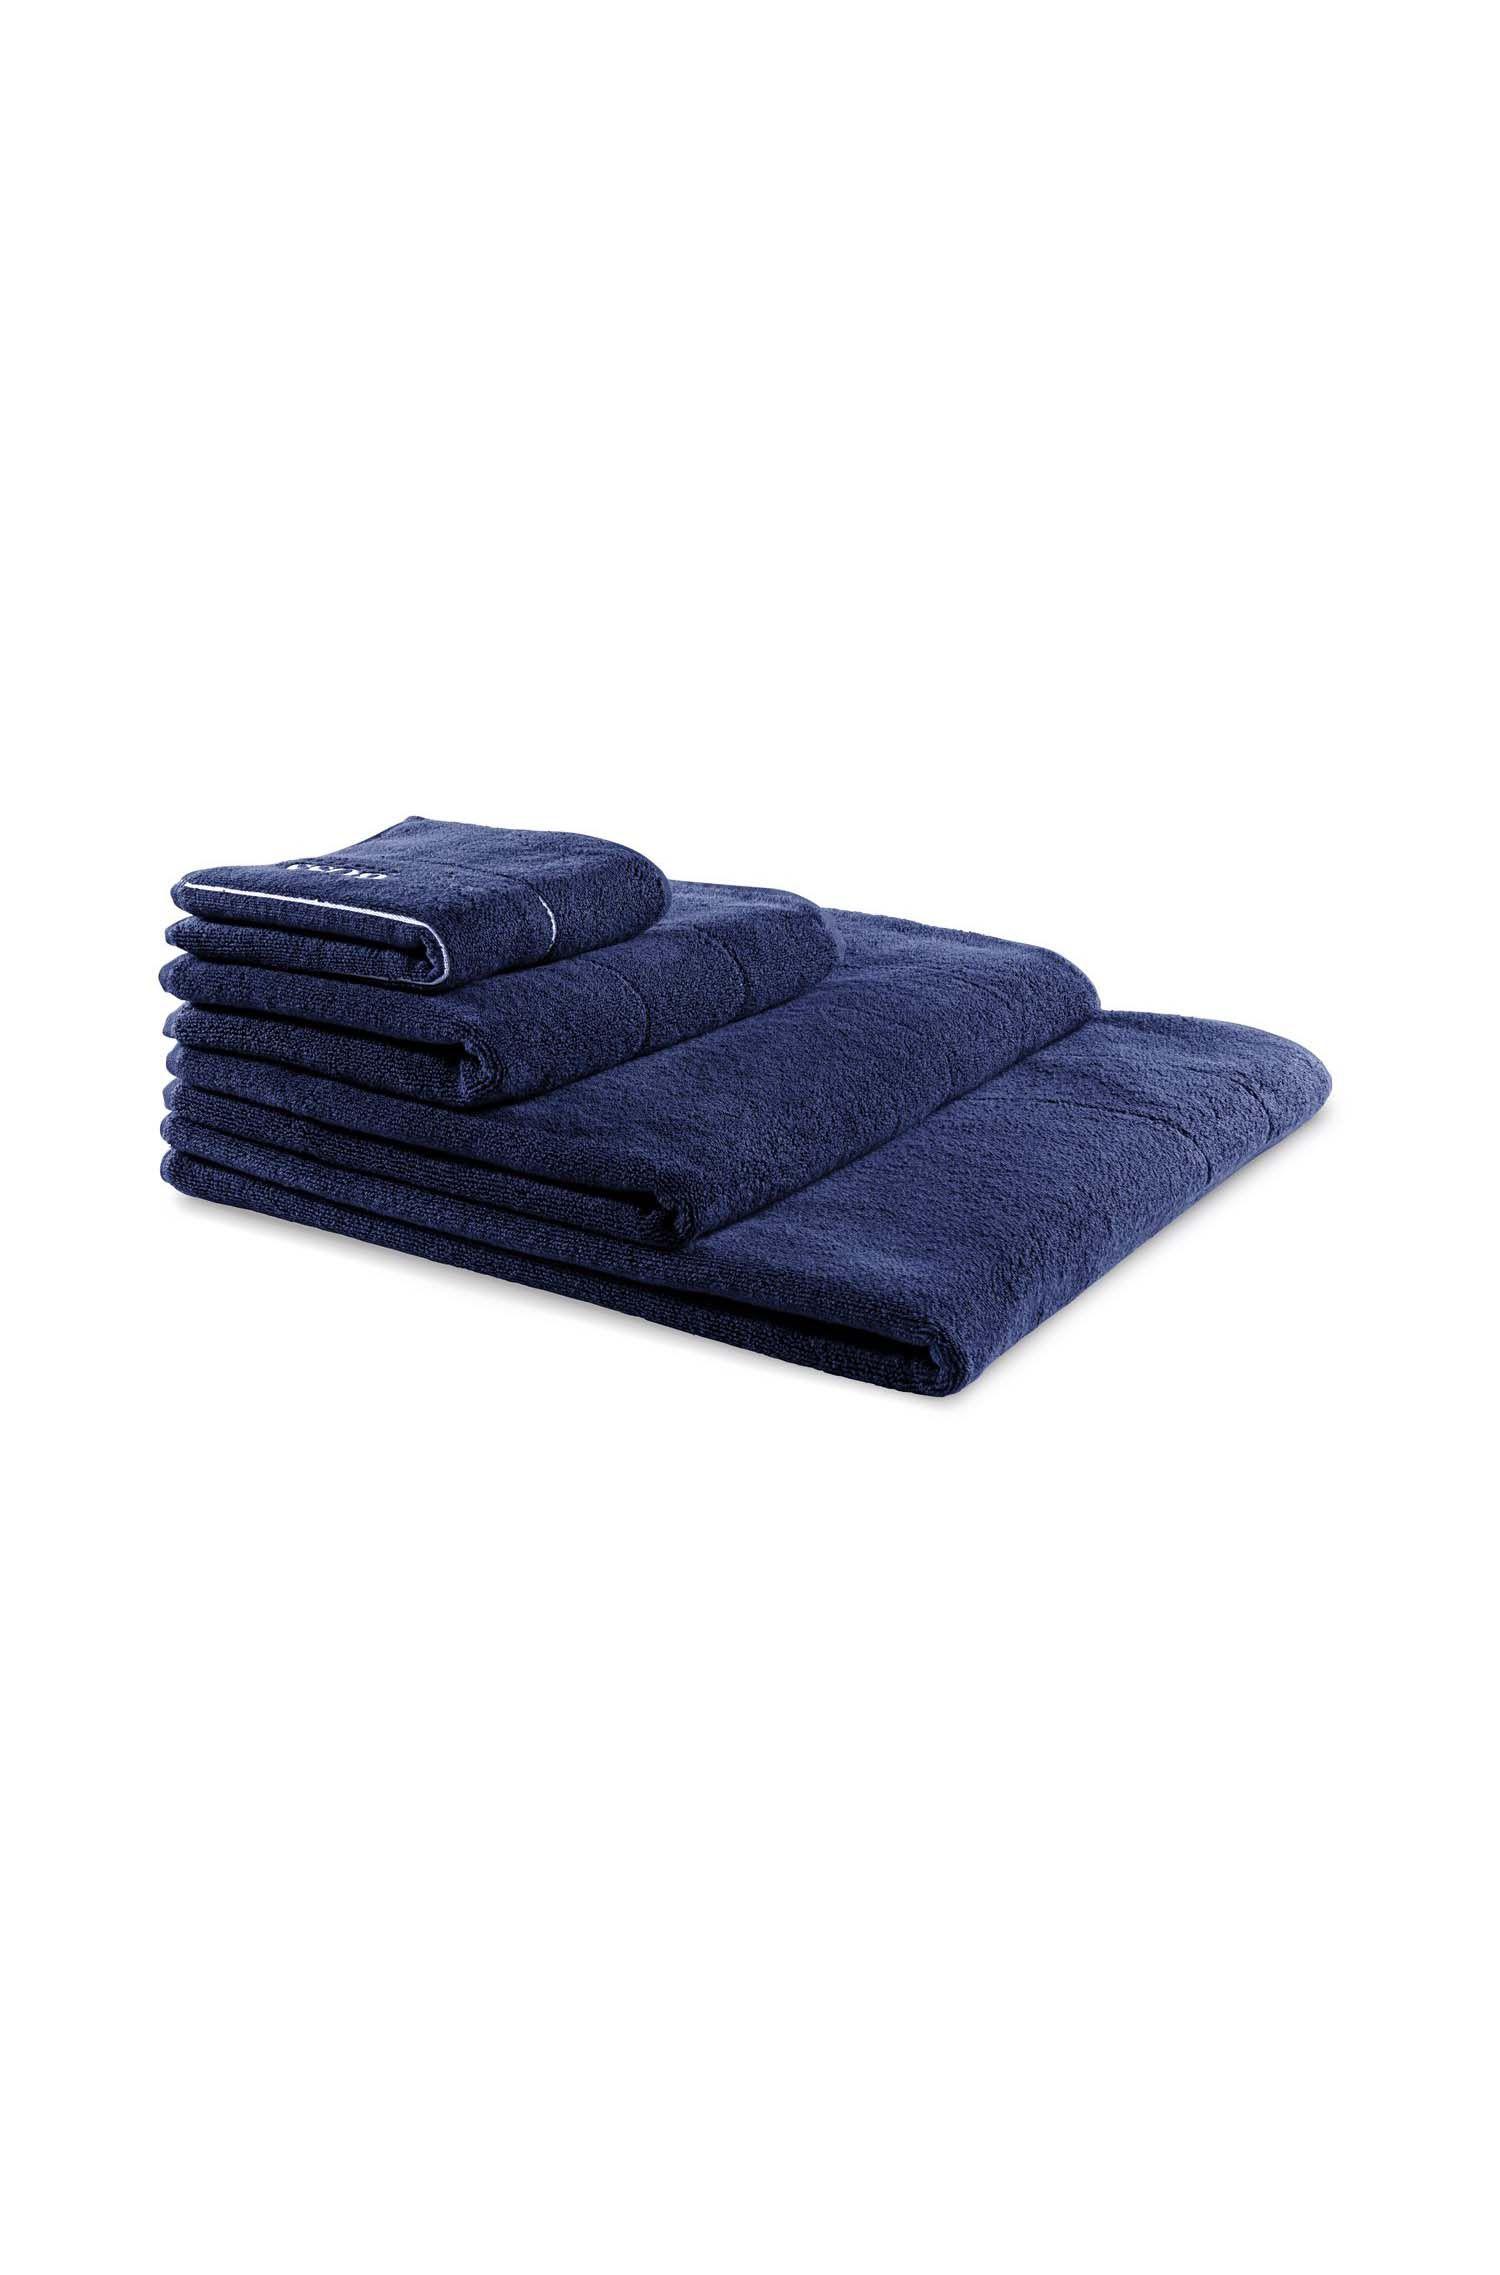 Toalla de baño extragrande en algodón egipcio de la máxima calidad con logo en el borde, Azul oscuro